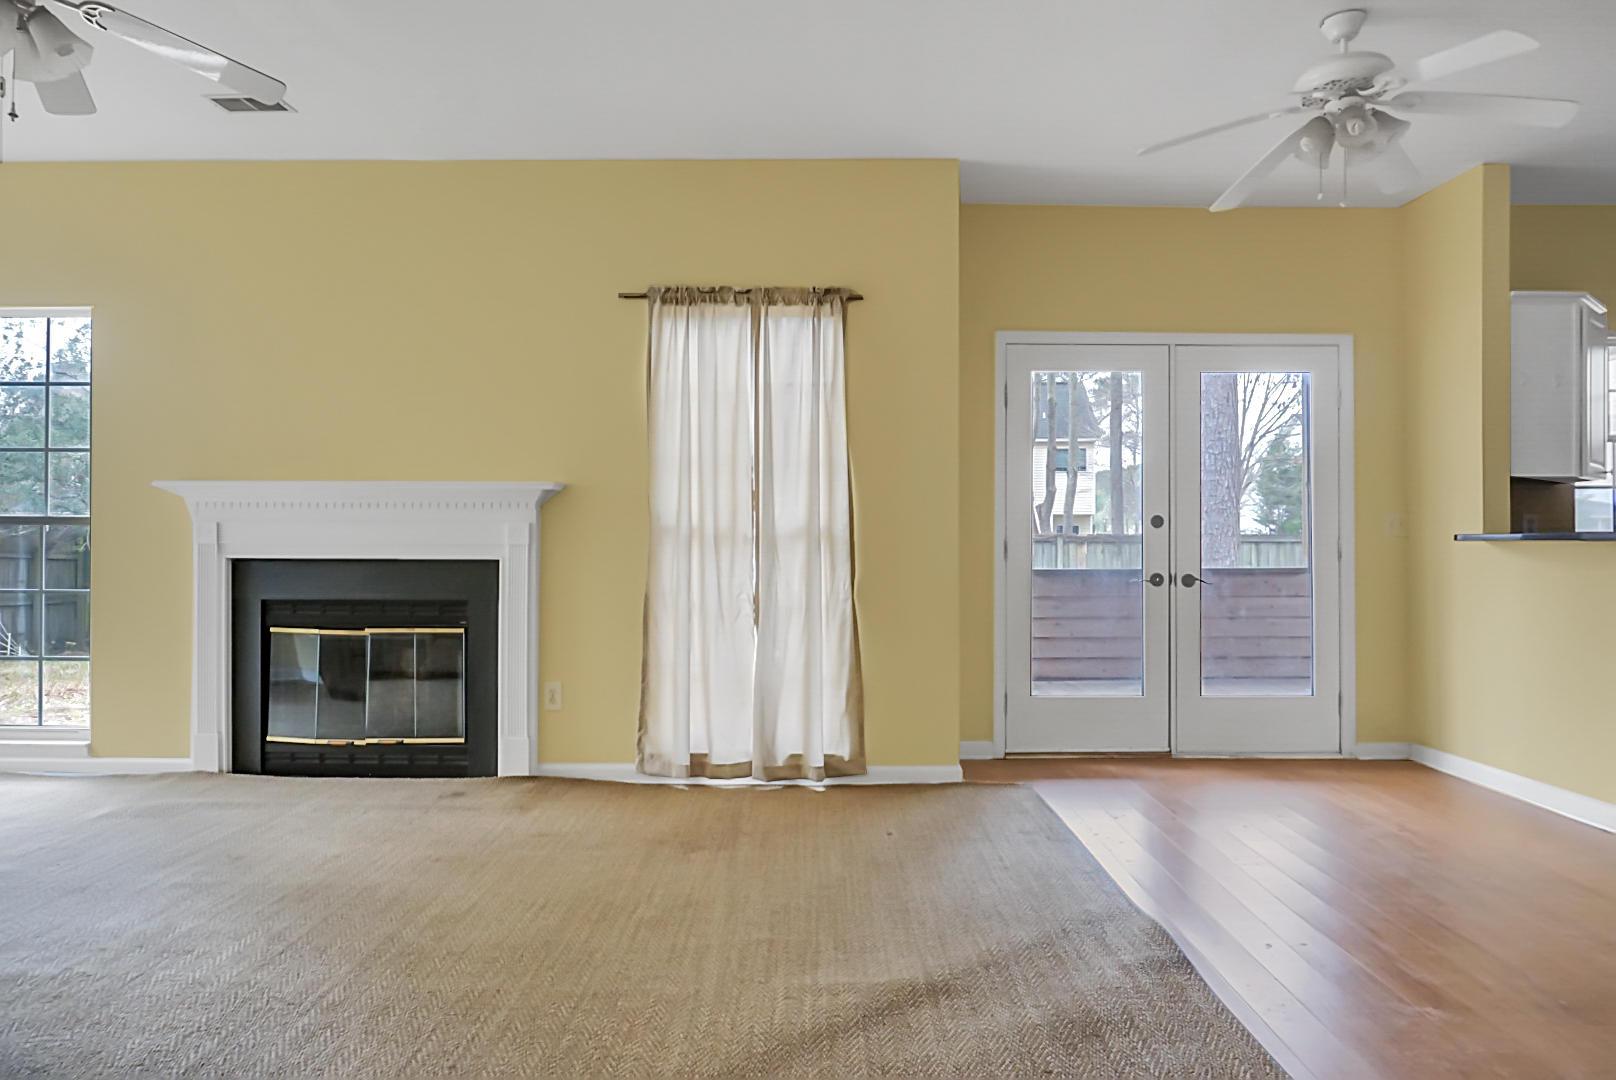 Dunes West Homes For Sale - 3209 Carmel Bay, Mount Pleasant, SC - 33